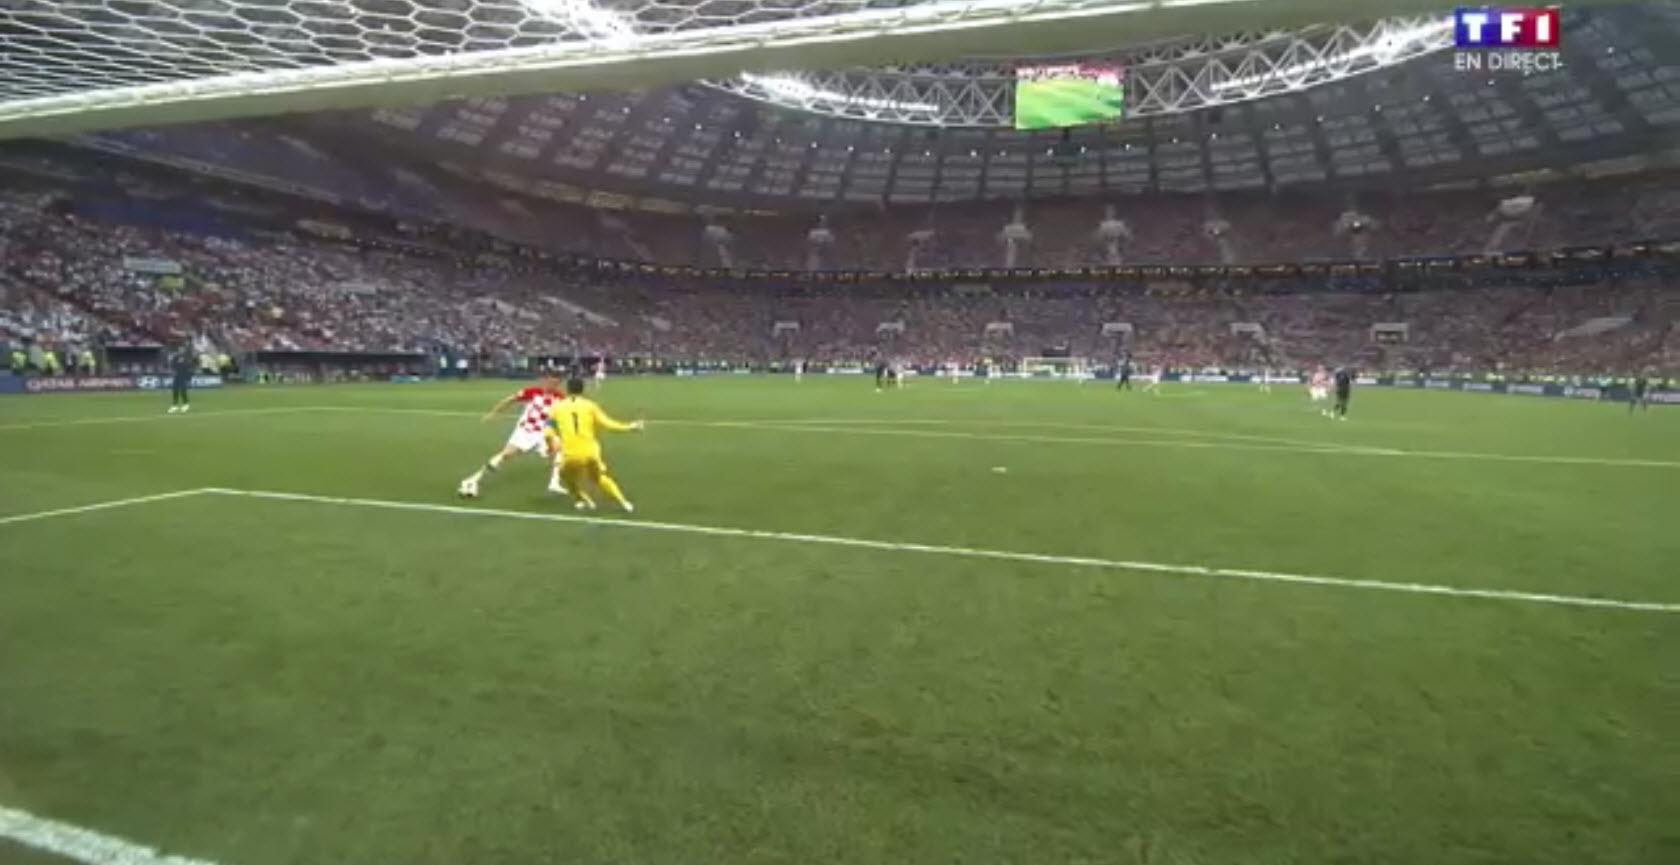 La boulette de Hugo Lloris qui laisse passer un but à la Coupe du Monde 2018